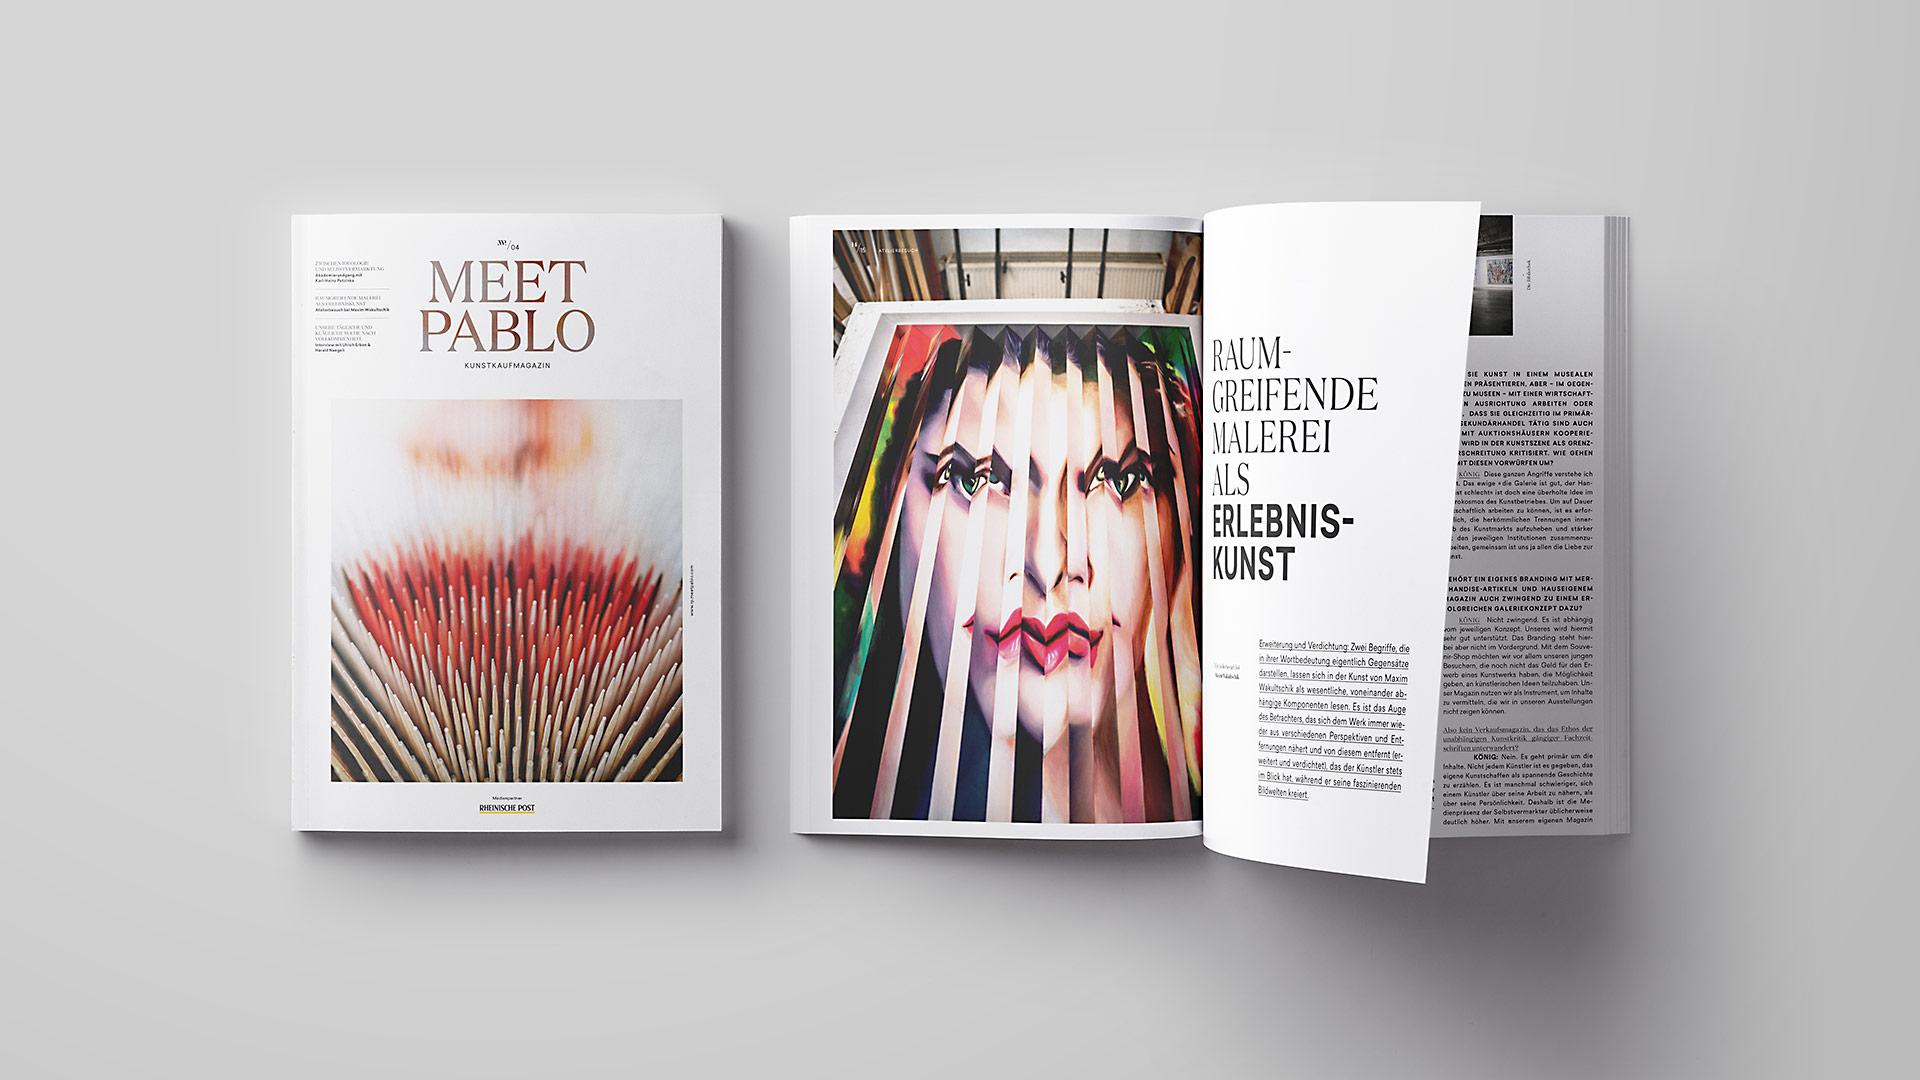 Meet Pablo Magazin (schiebezimmer)